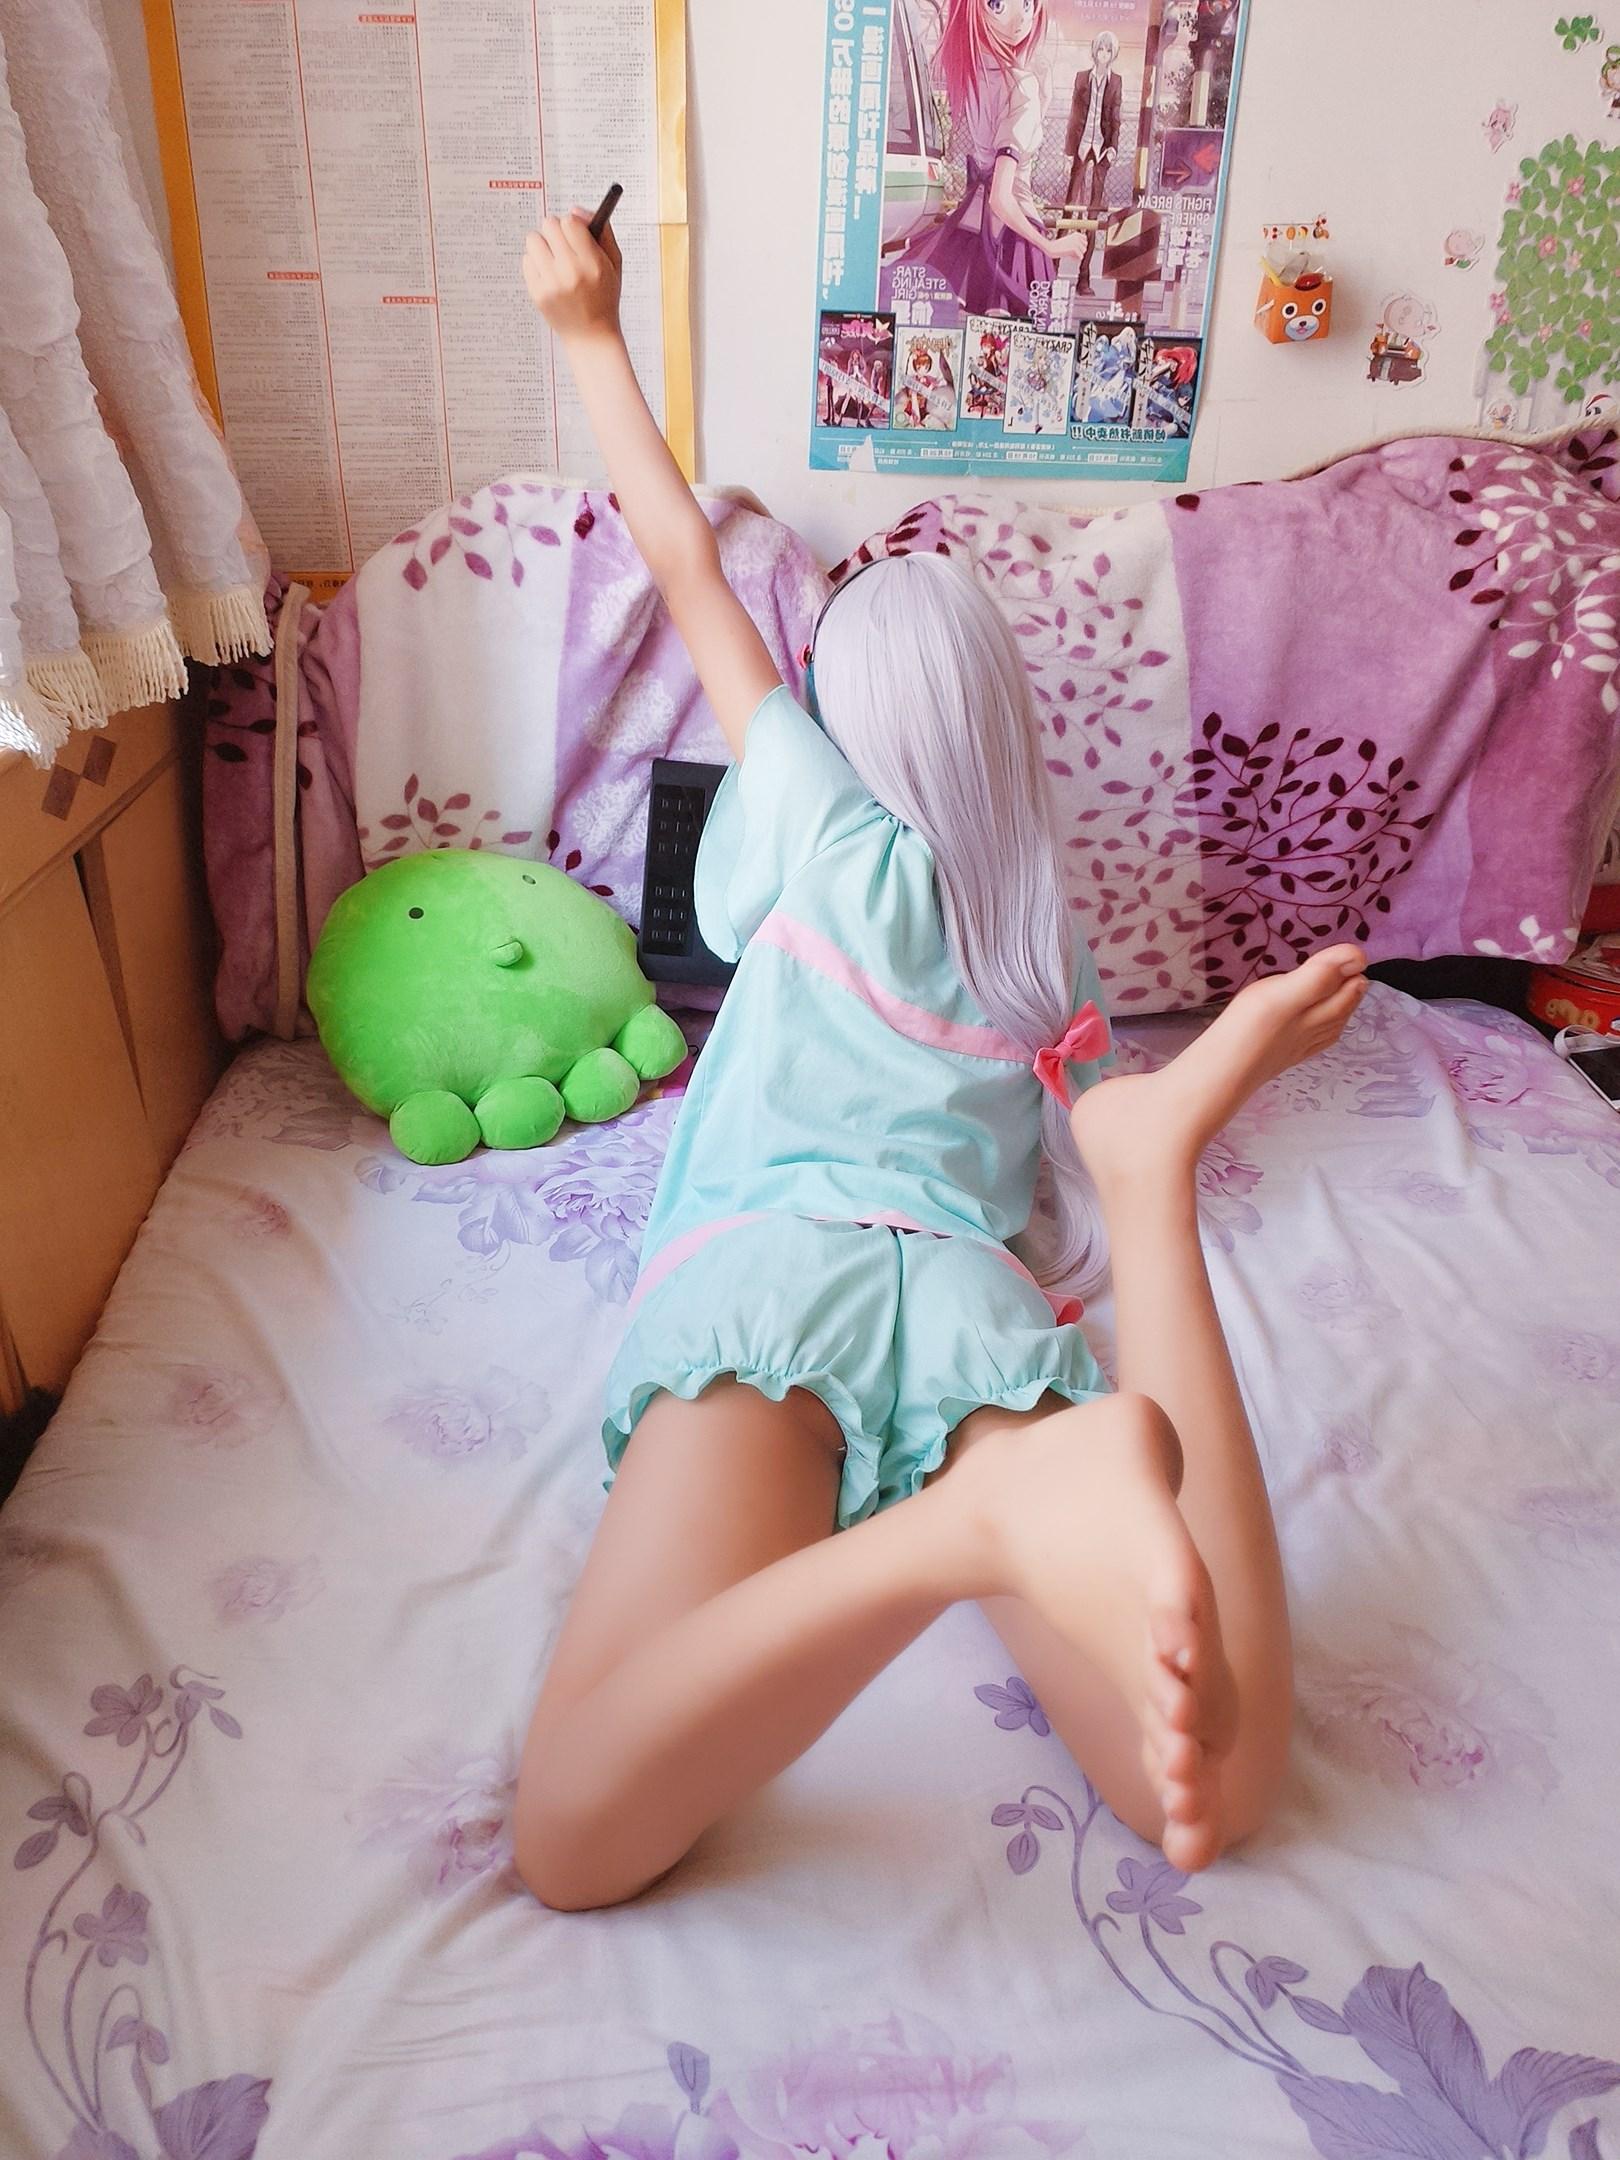 【兔玩映画】萝莉的果腿 兔玩映画 第5张